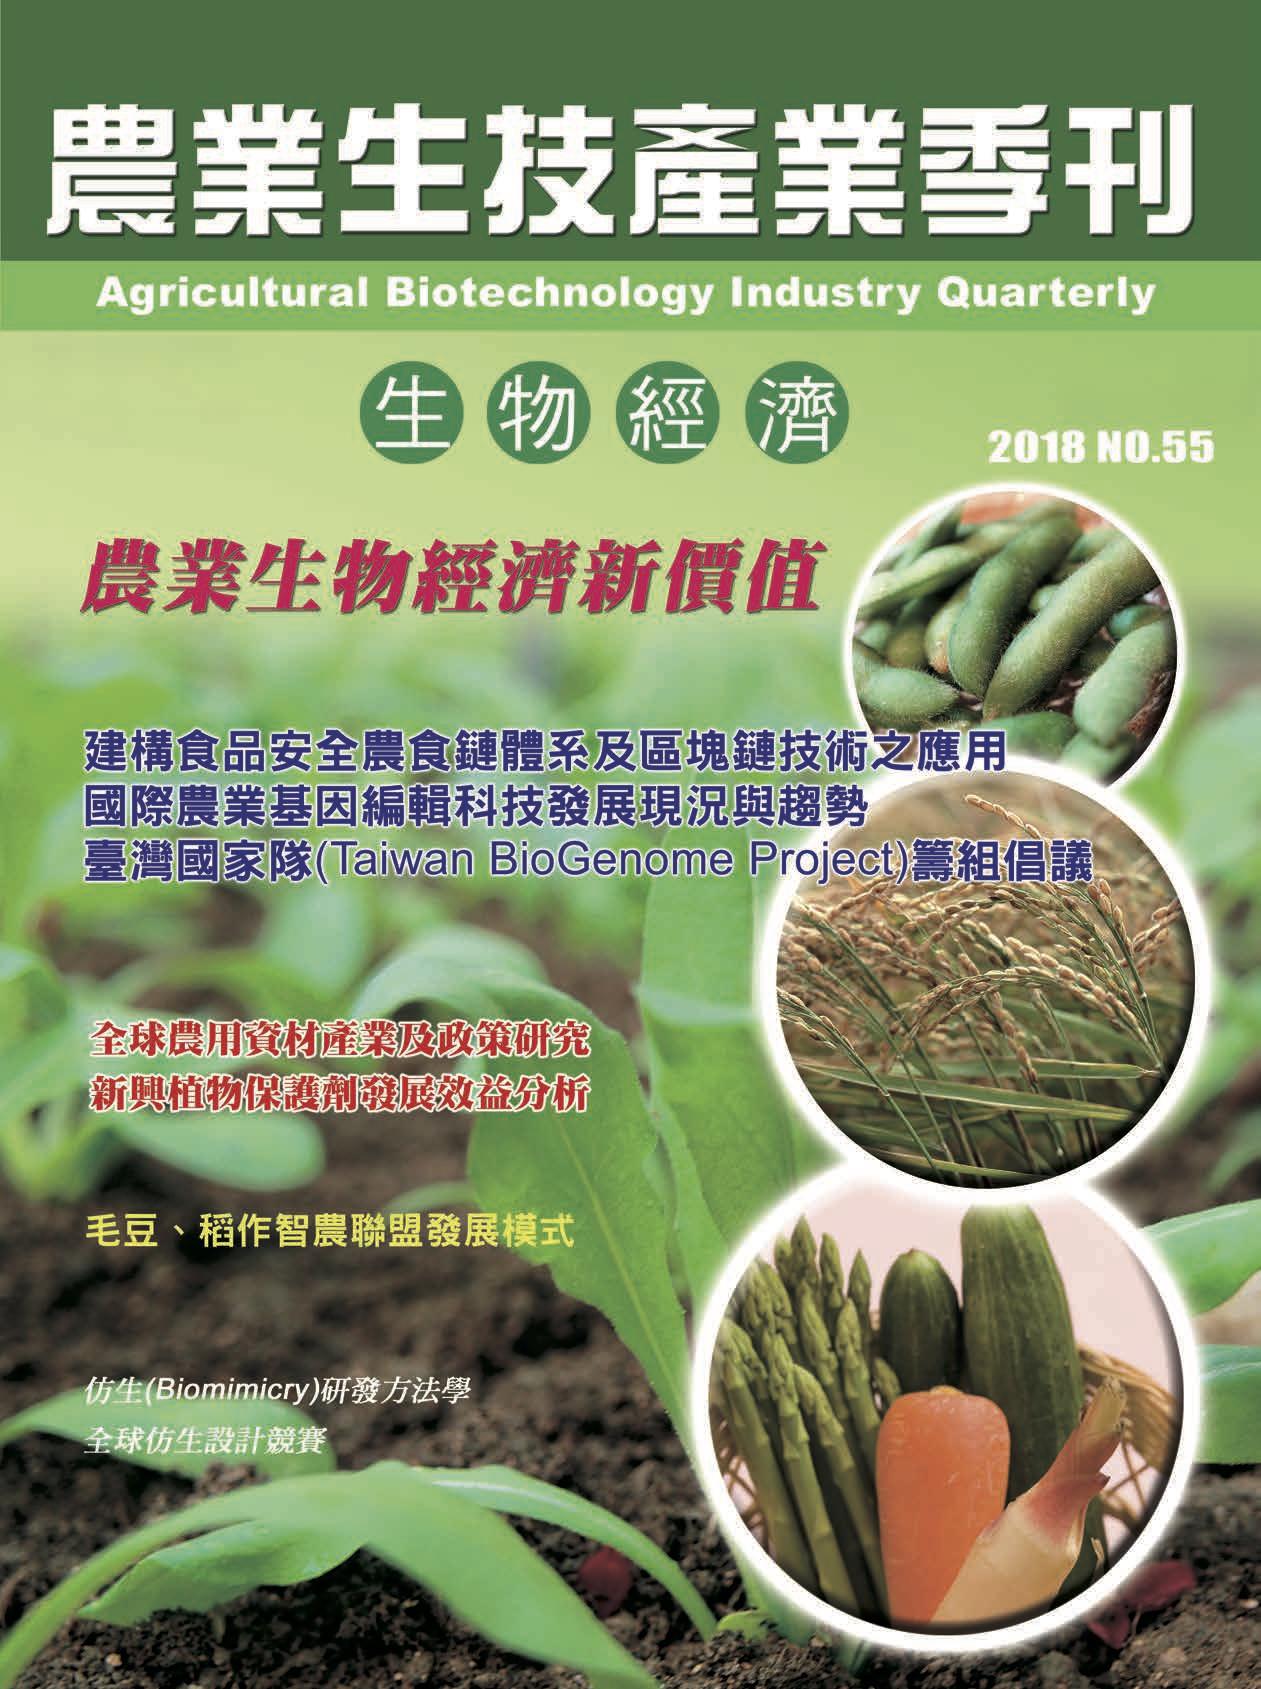 農業生技產業季刊55期